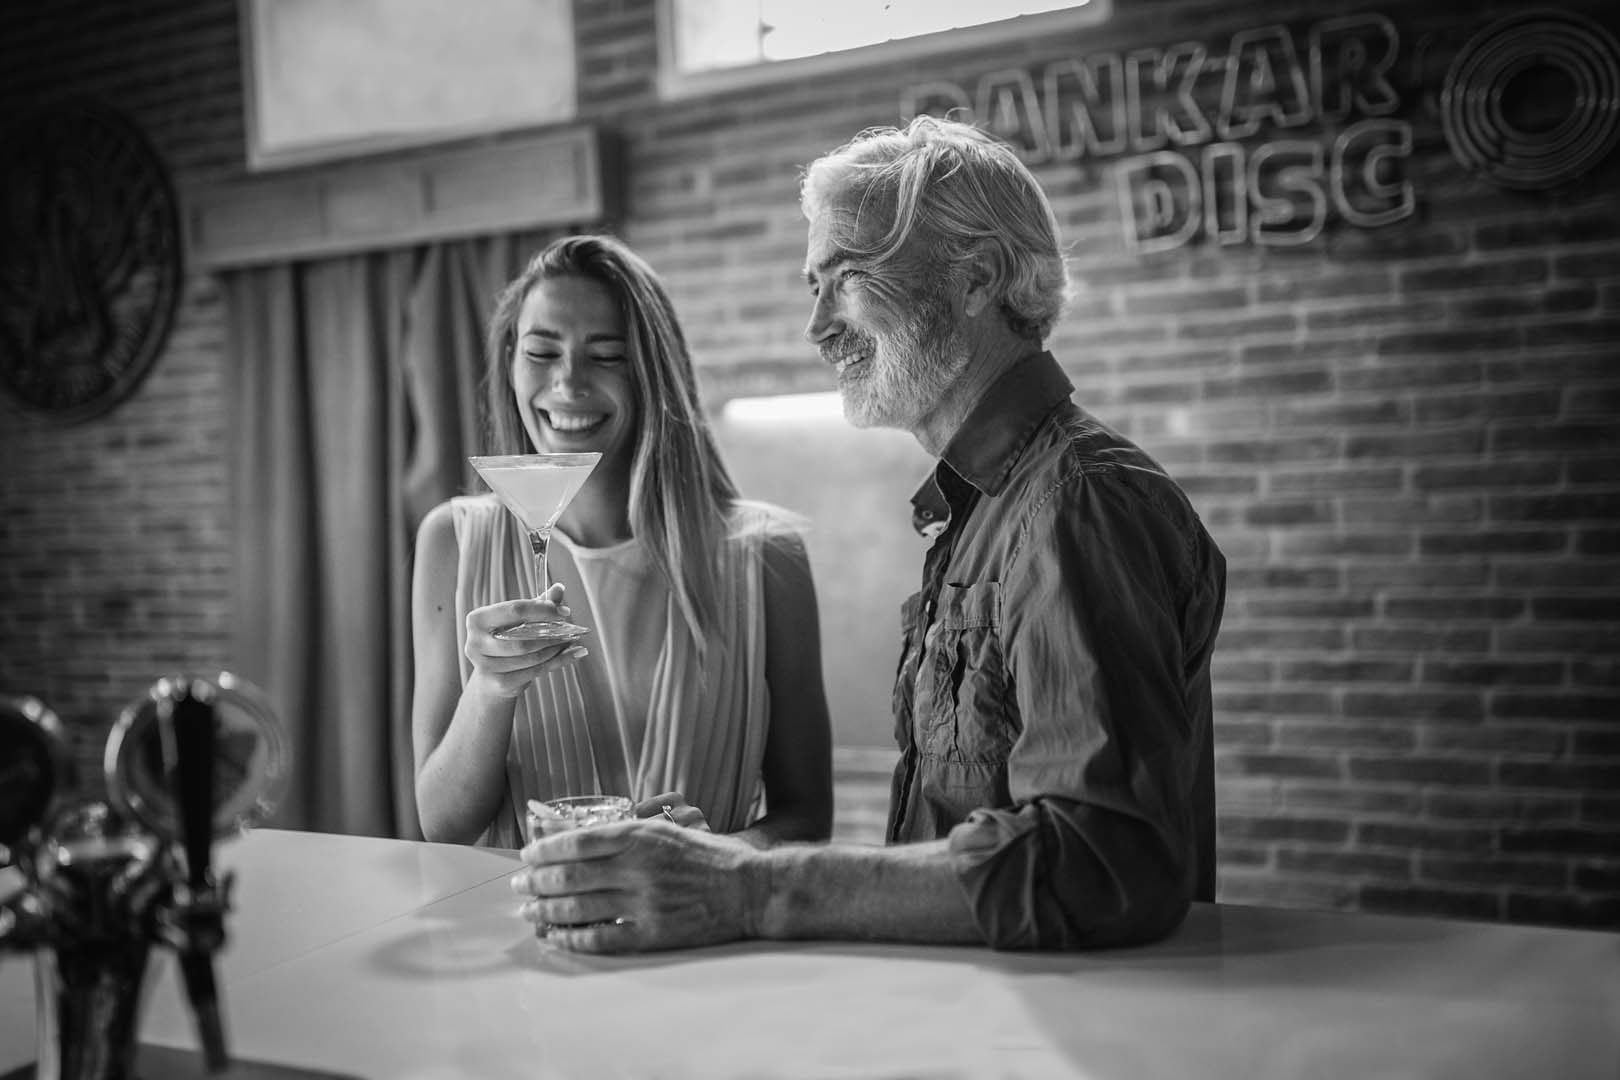 Massimo Gradini e Monica Bartolucci bevono seduti al bancone in un ritratto in bianco e nero